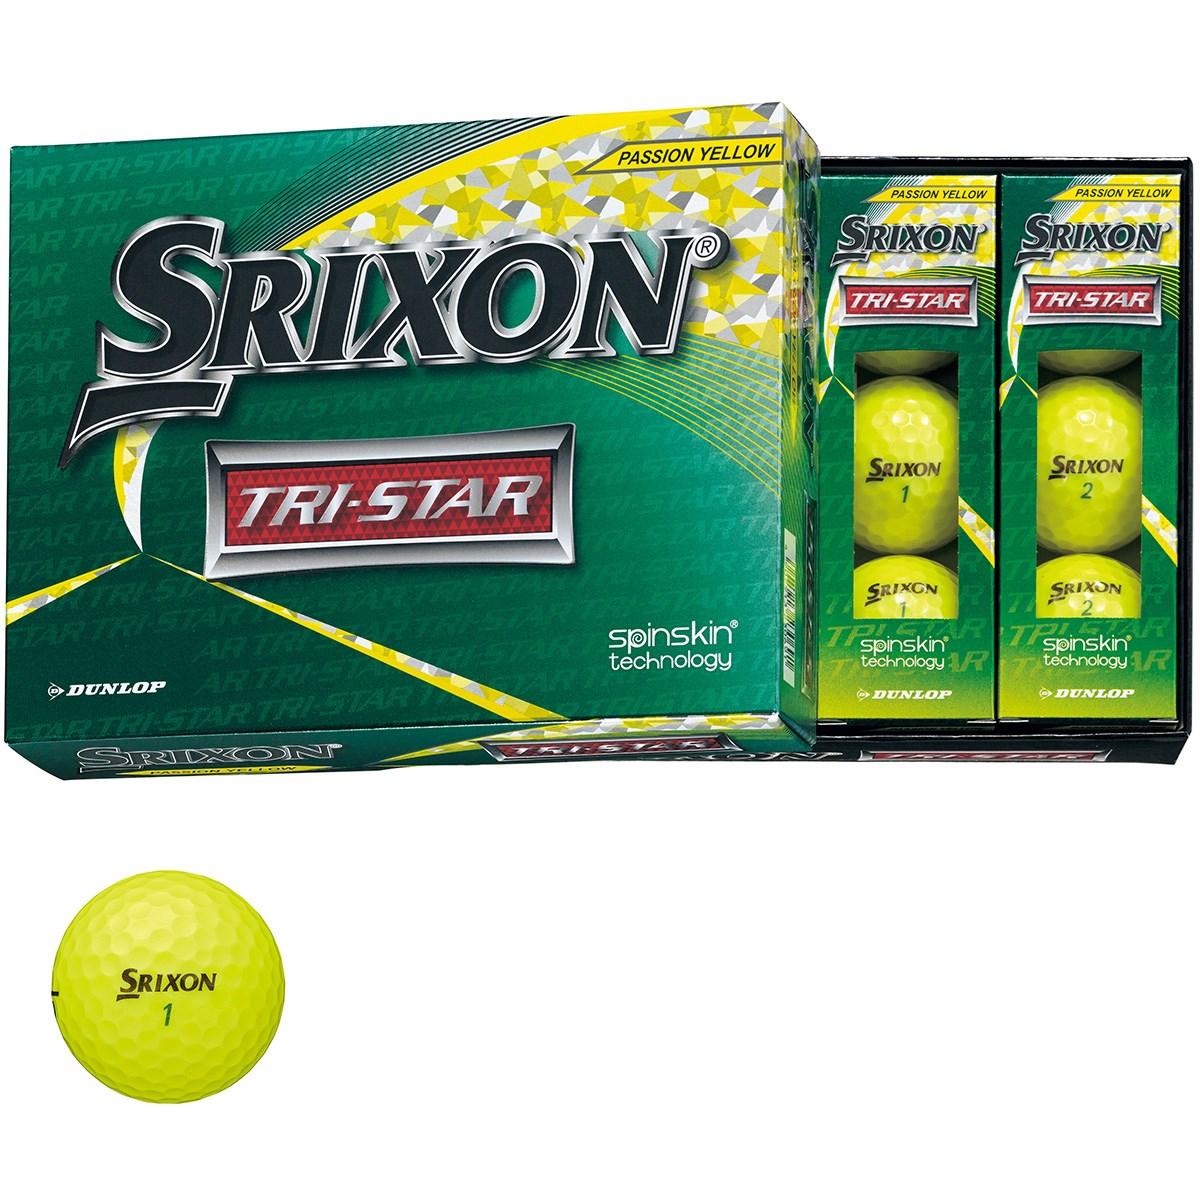 ダンロップ SRIXON スリクソン TRI-STAR 3 ボール 3ダースセット 3ダース(36個入り) プレミアムパッションイエロー